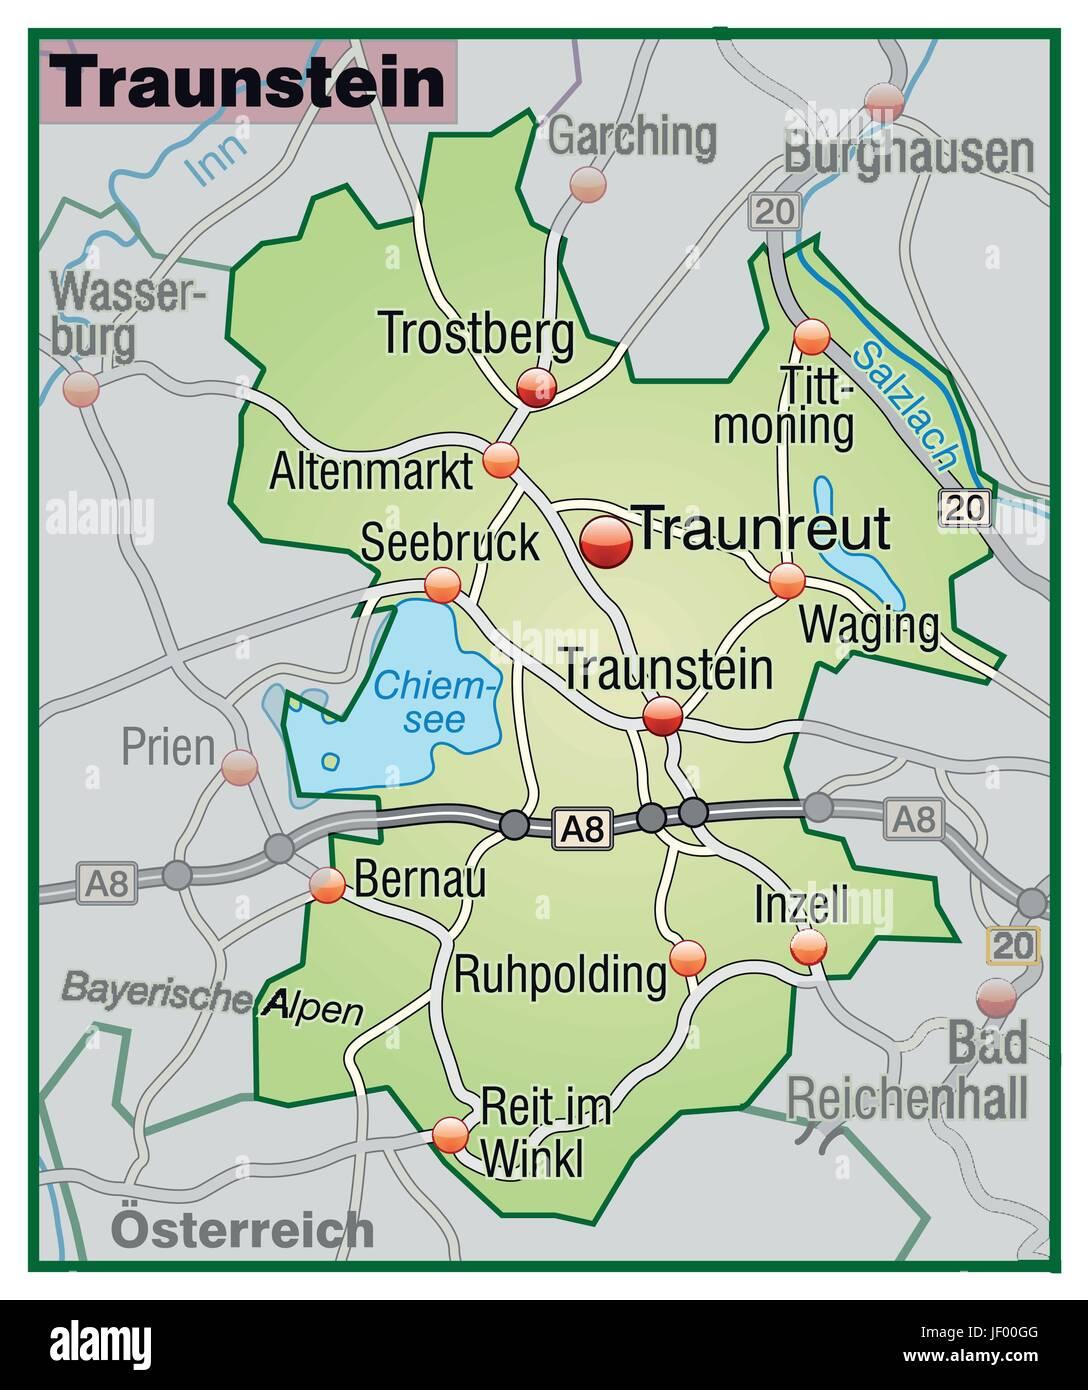 Verkehr Transport Grenze Autobahn Autobahn Karte Synopse